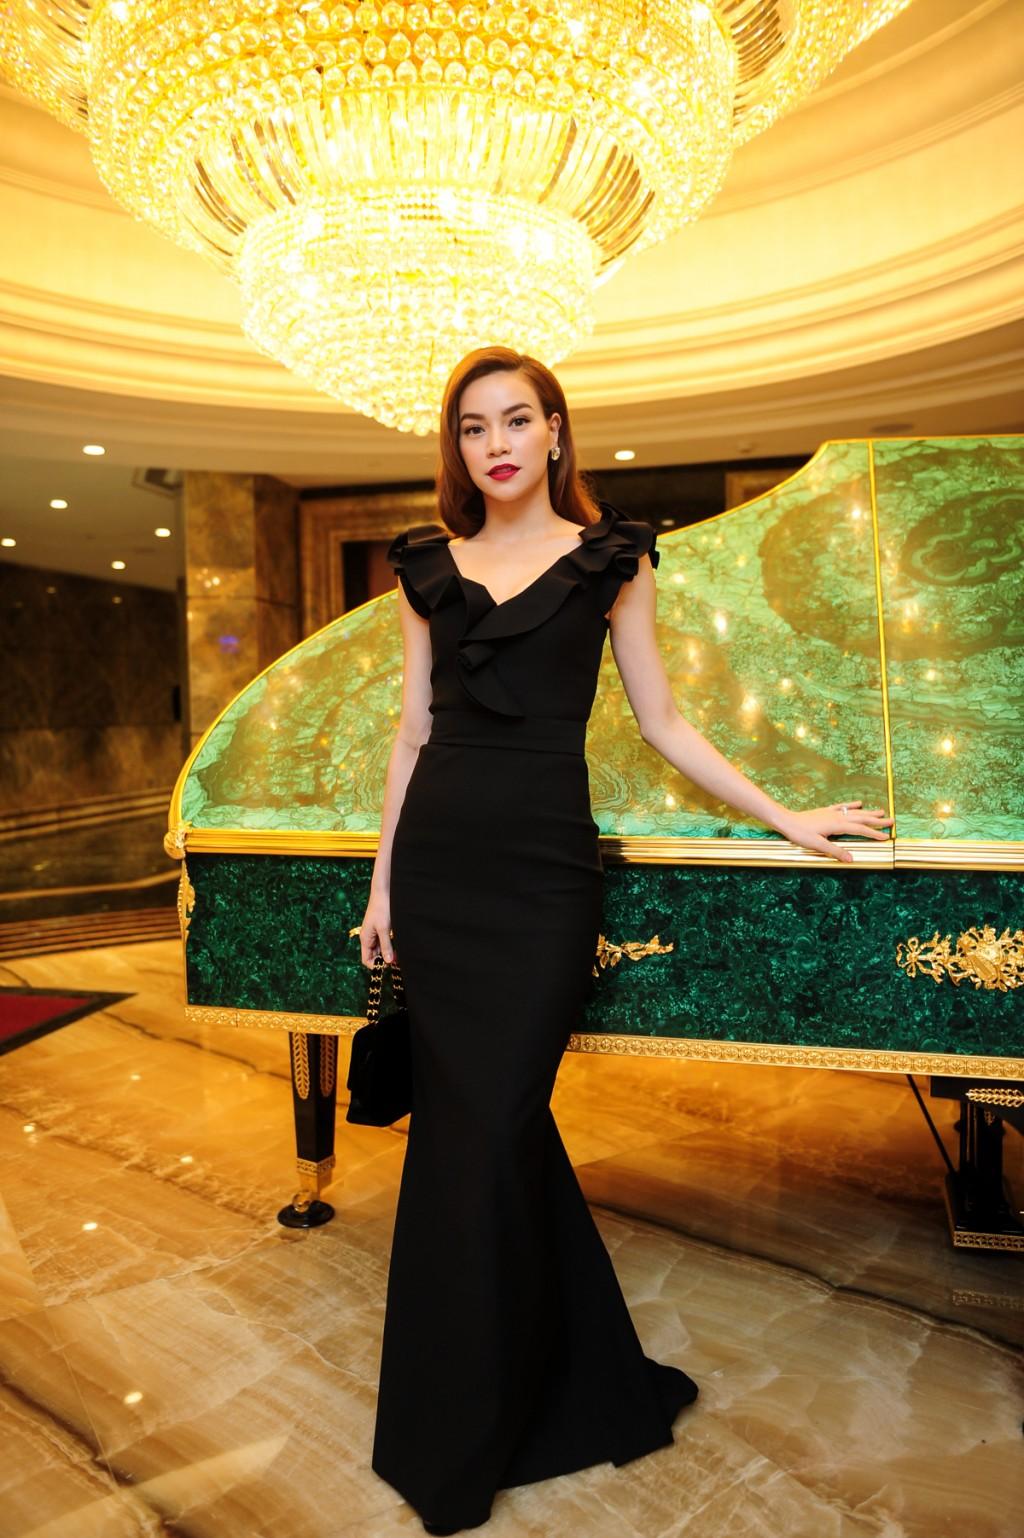 Riêng chủ nhân đêm tiệc, ca sĩ Hồ Ngọc Hà tiếp tục giữ vững phong độ với đầm đen kết hợp cùng túi xách chanel.